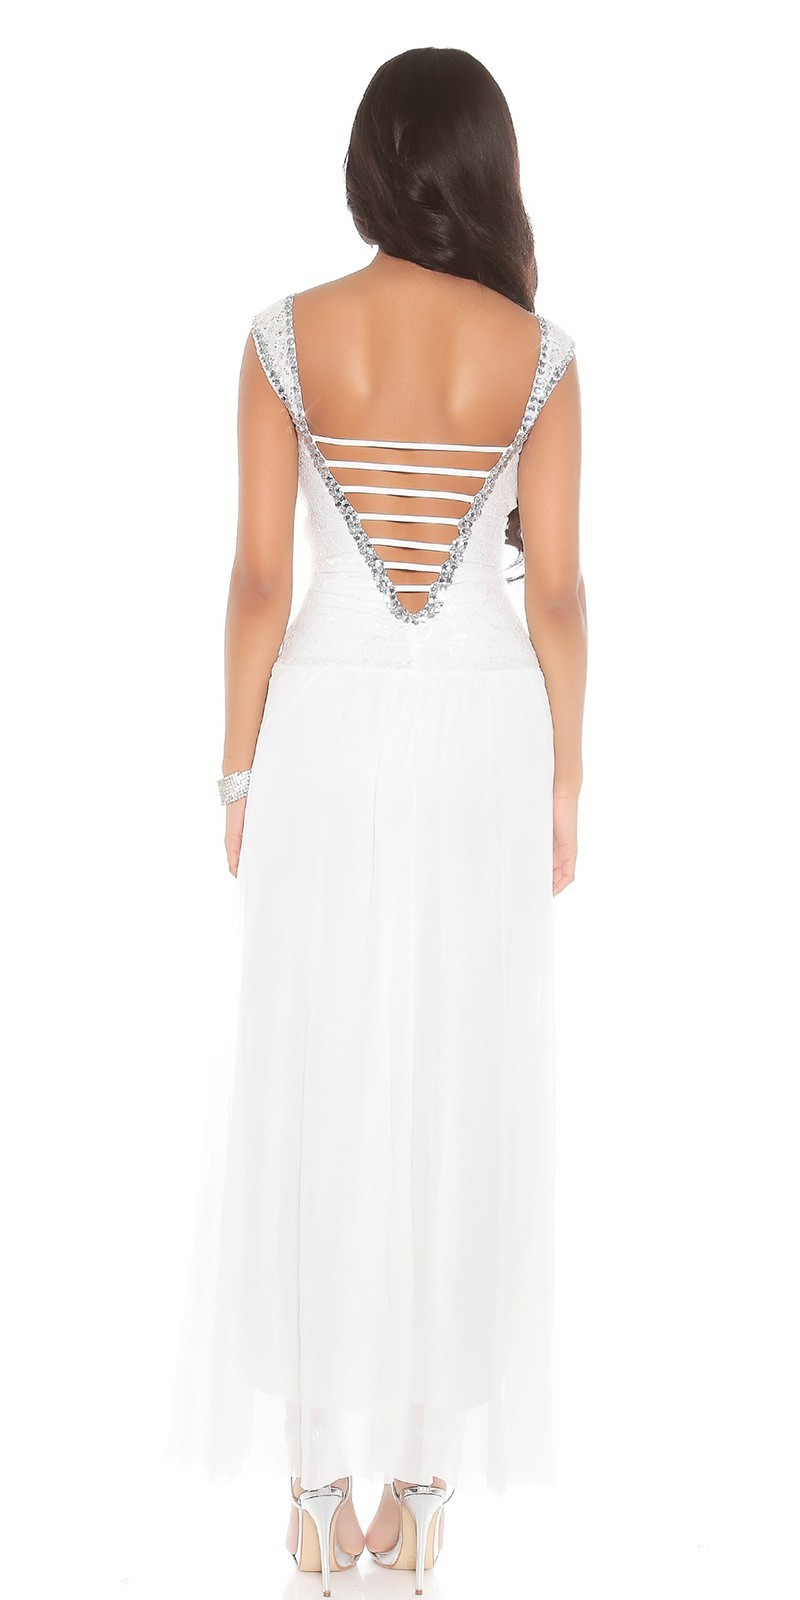 1ddfadf2b5c1 Spoločenské šaty zdobené kamienkami White – Sissy Boutique